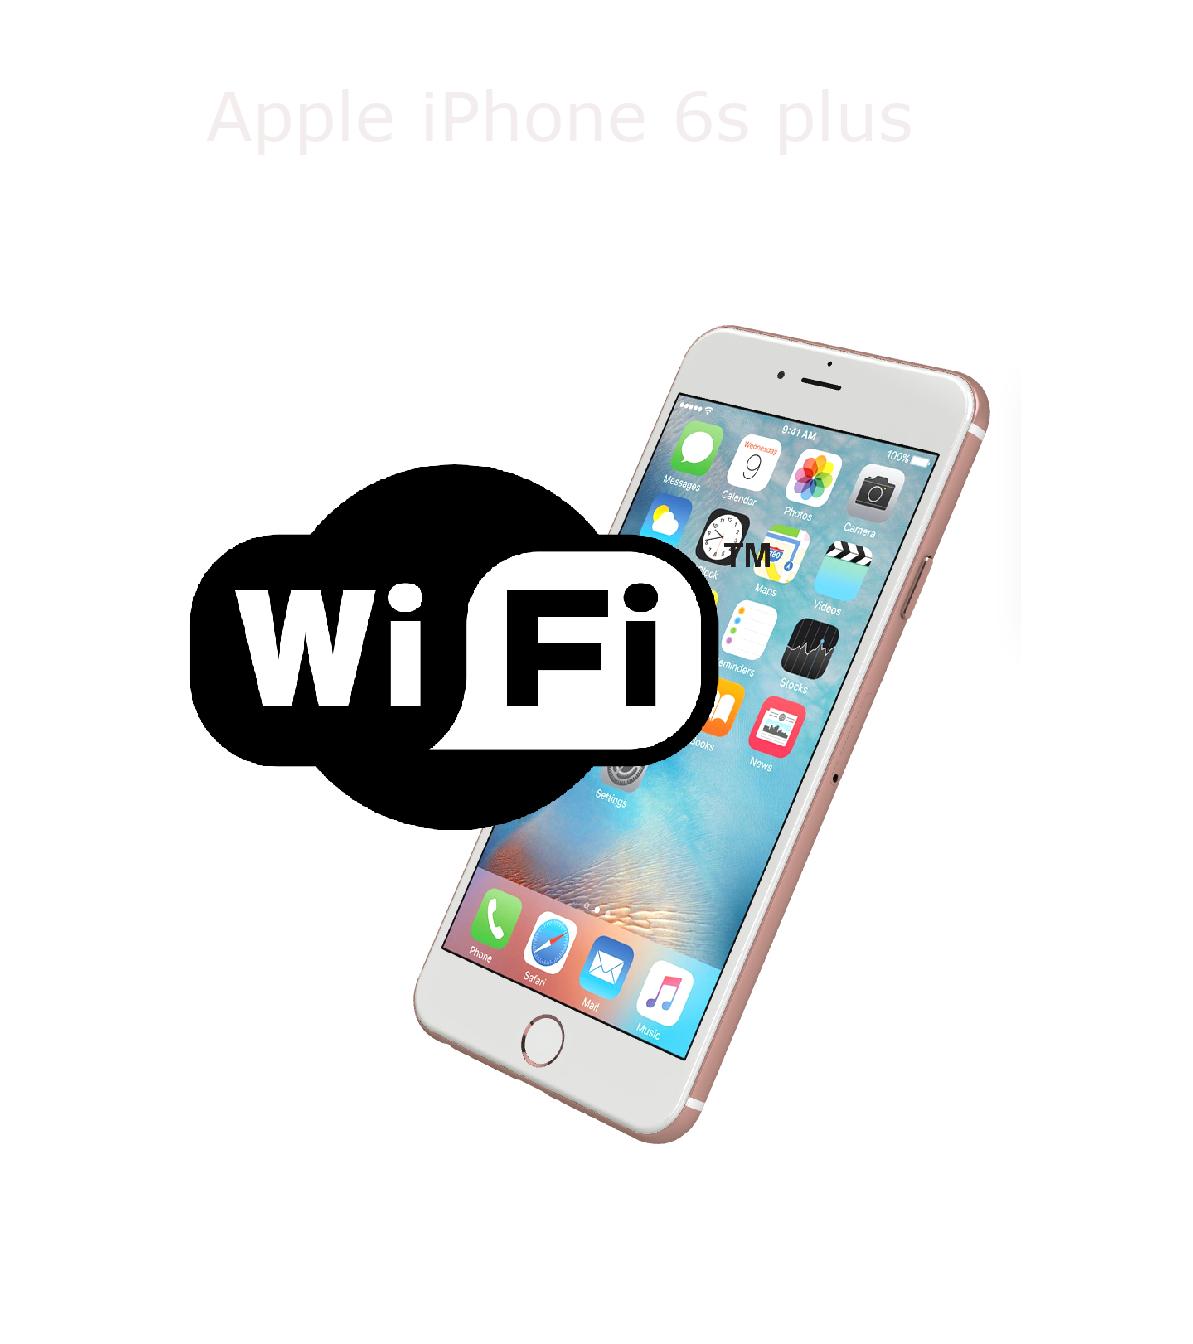 Laga Wifi iPhone 6s plus